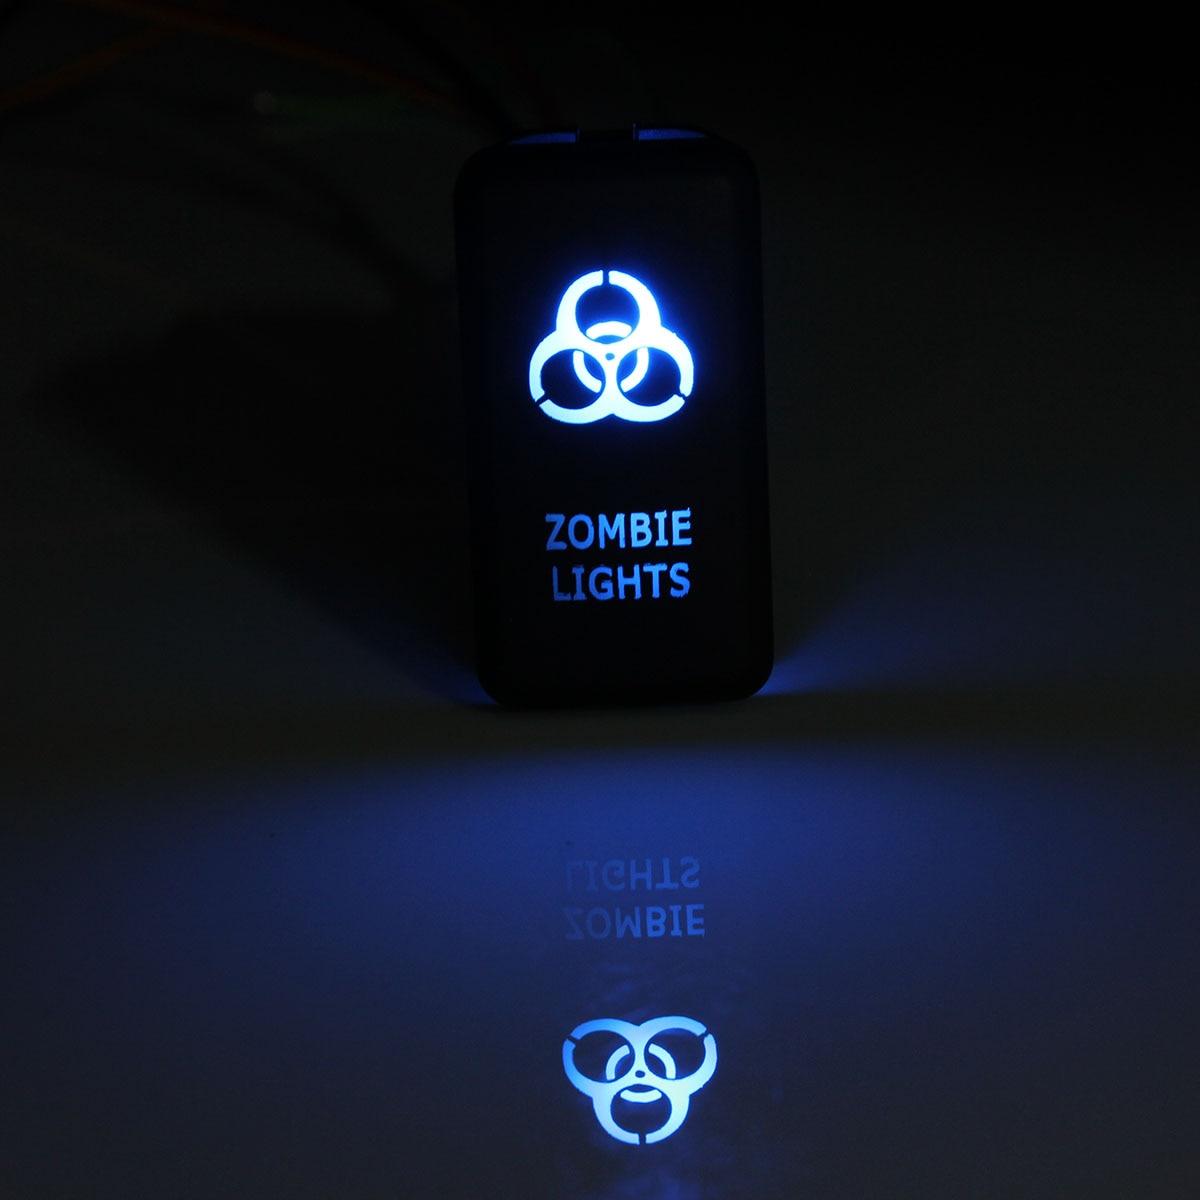 Fantastisch Wie Man Led Lichtleiste Verdrahtet Fotos - Elektrische ...